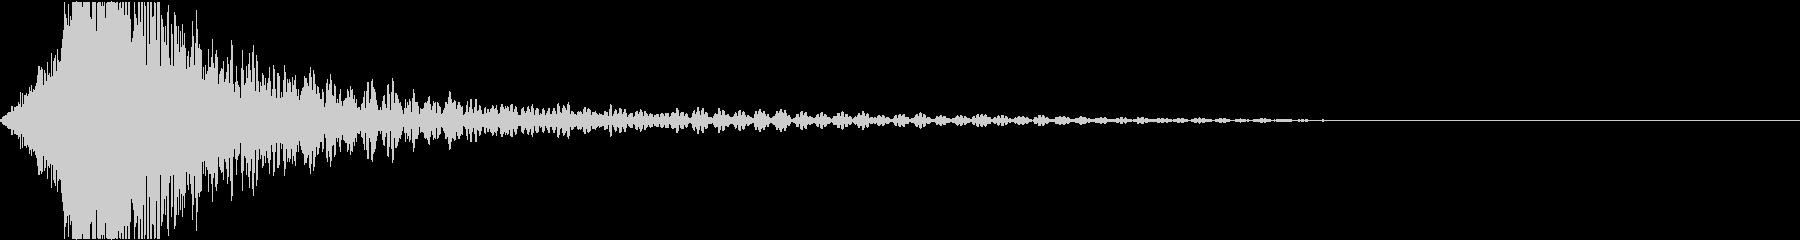 ロボット 合体 ガシーン 金属 重い21の未再生の波形